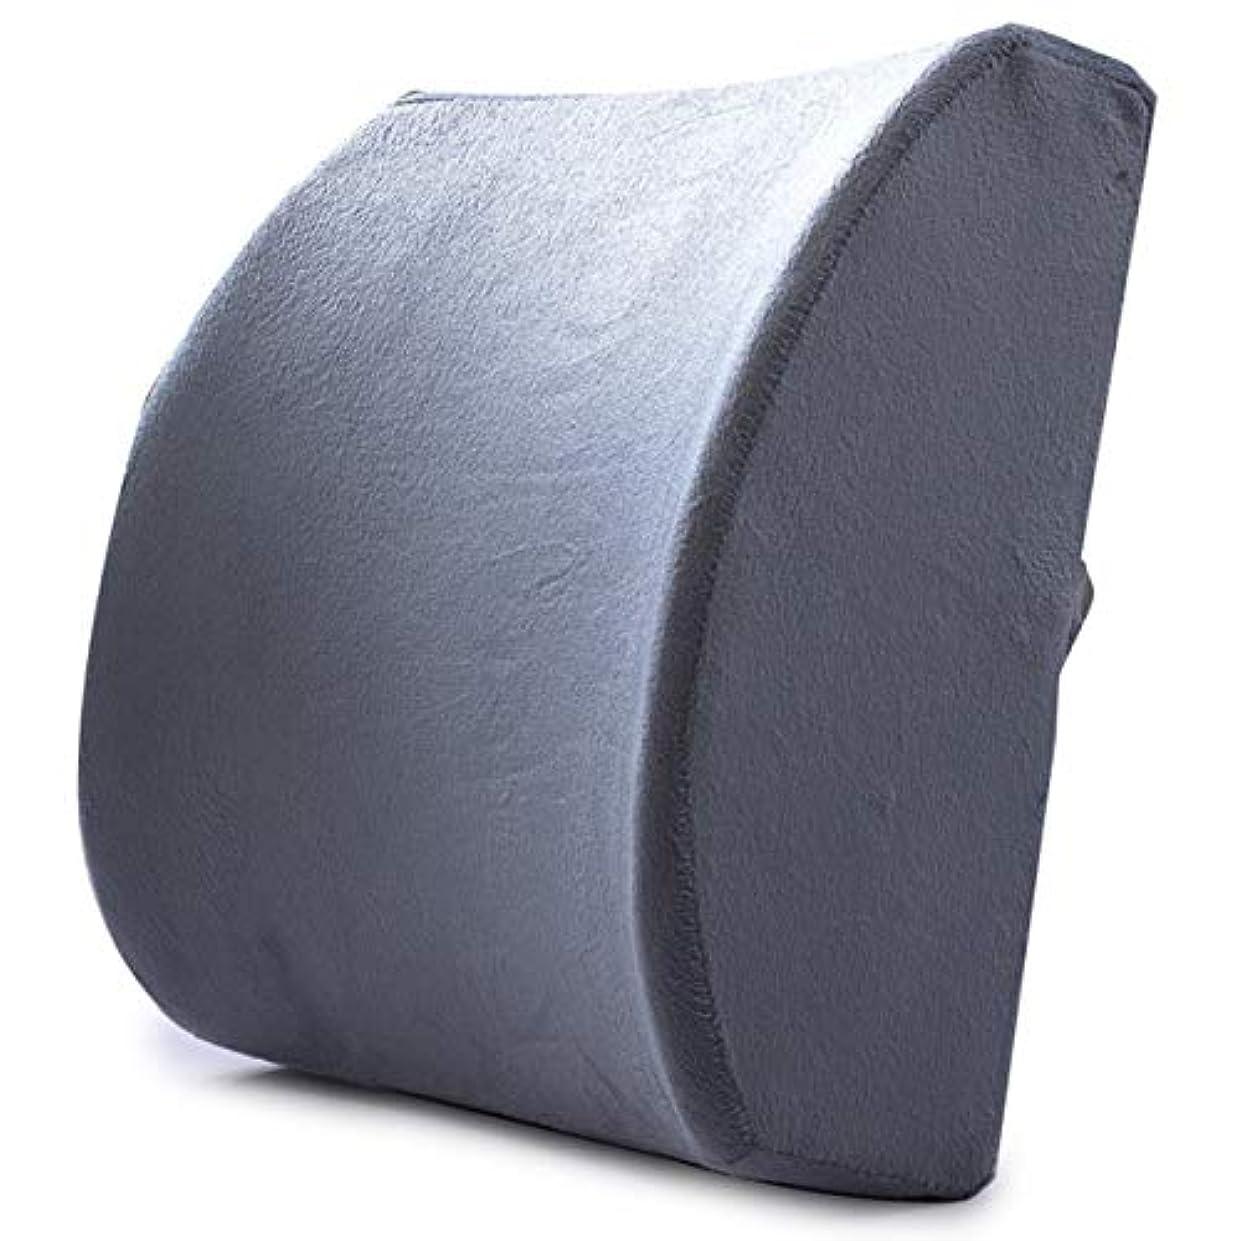 悲しみシーフード鉱石Memory Foam Lumbar Support Waist Cushion Pillow For Chairs in the Car Seat Pillows Home Office Relieve Pain